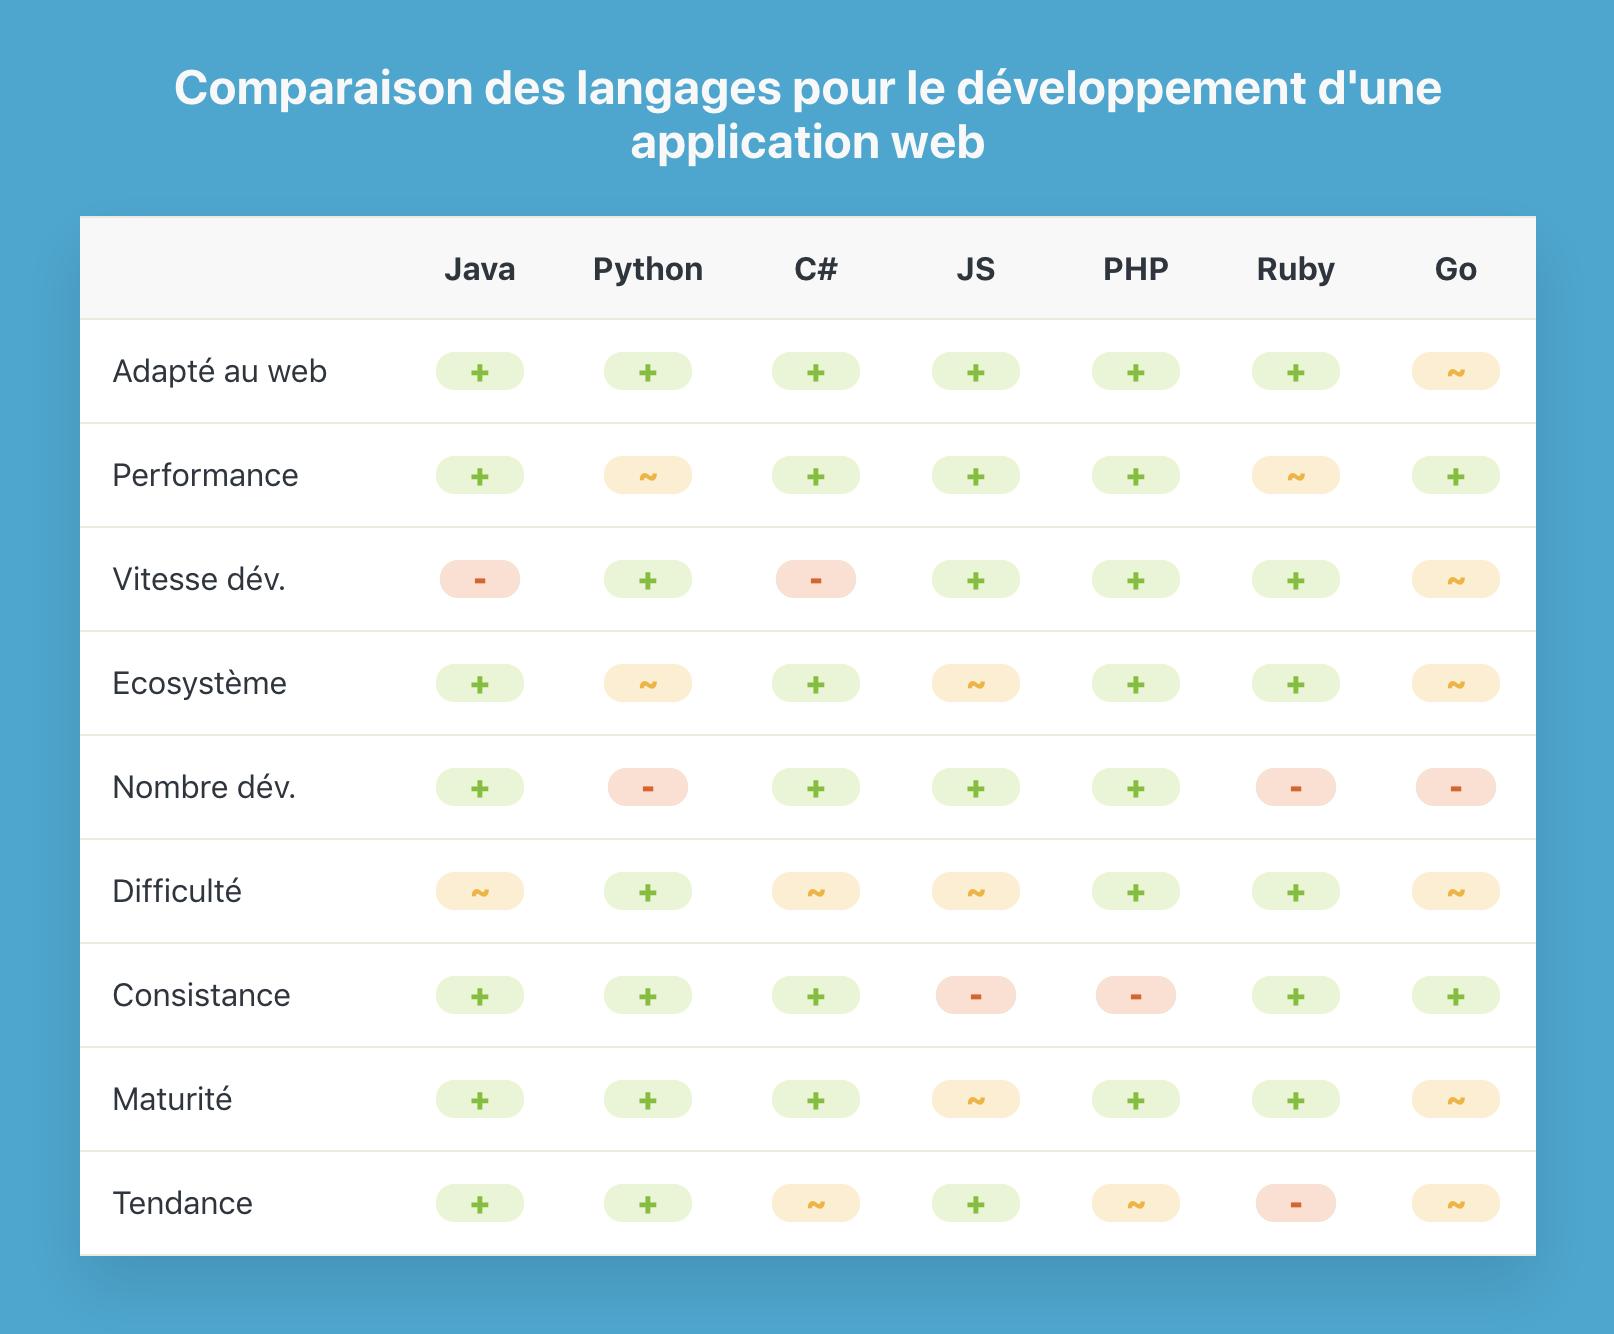 Comparaison des langages pour le développement d'une application web